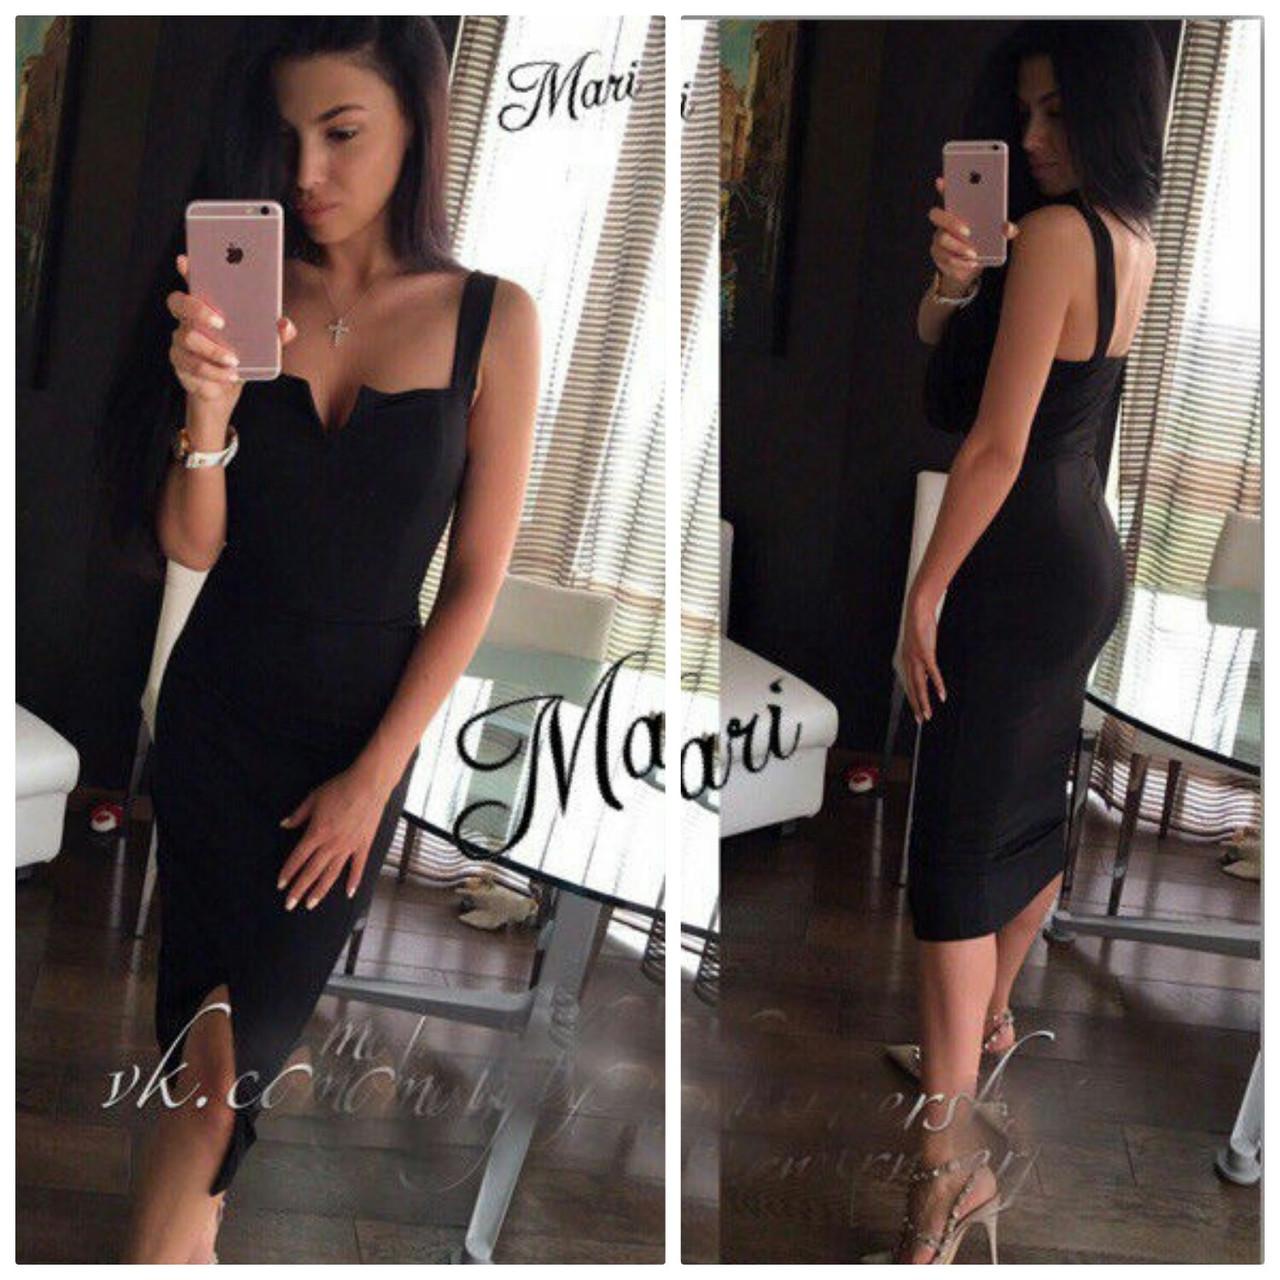 fc8d30e15b78 Элегантное черное платье (арт. 312352260) - Aleksa - интернет-магазин  женской одежды